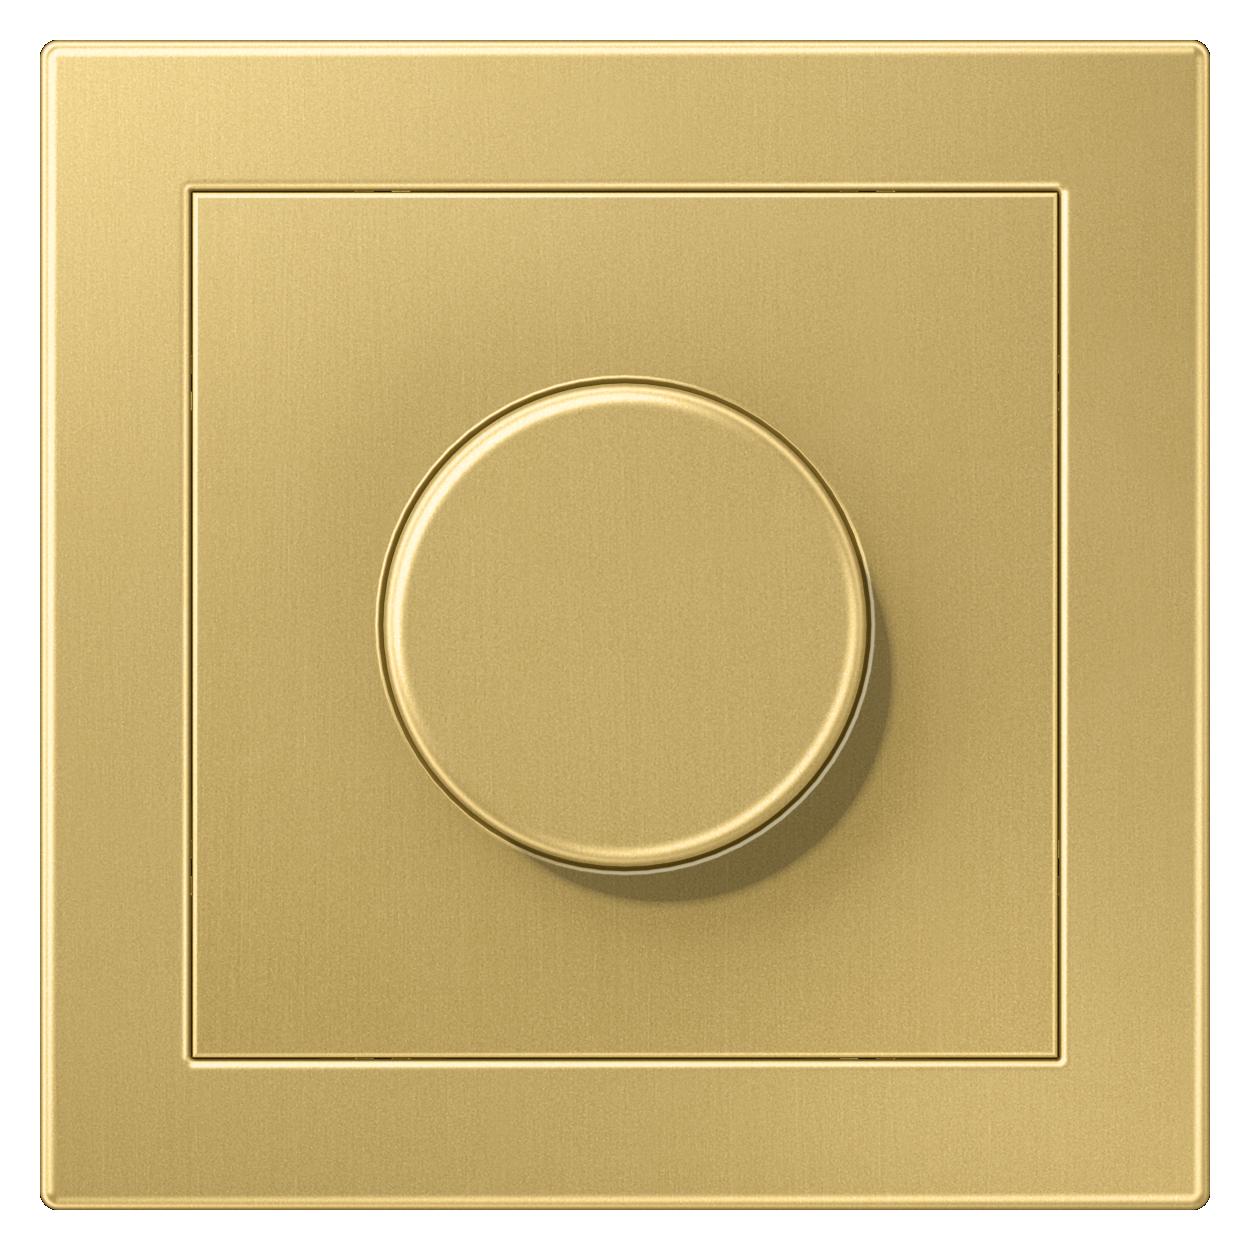 JUNG_LS_Design_classic_brass_dimmer